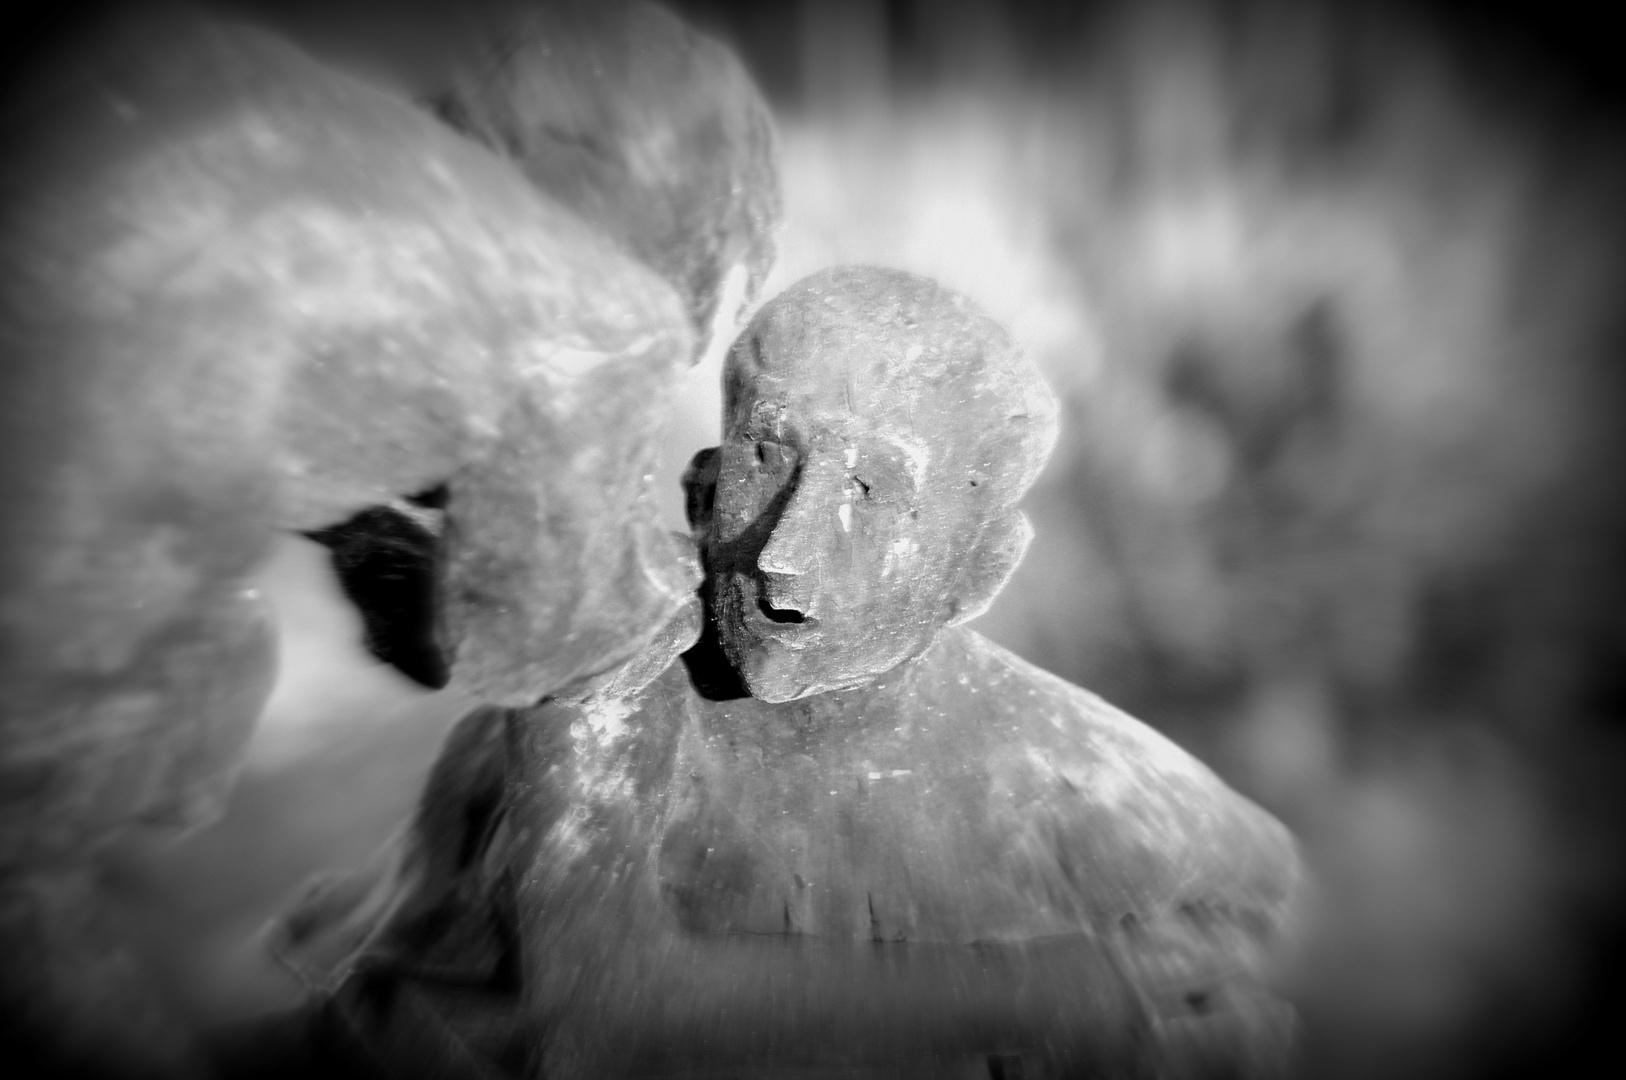 Brunnenfigur 1 von Karin Bohrmann